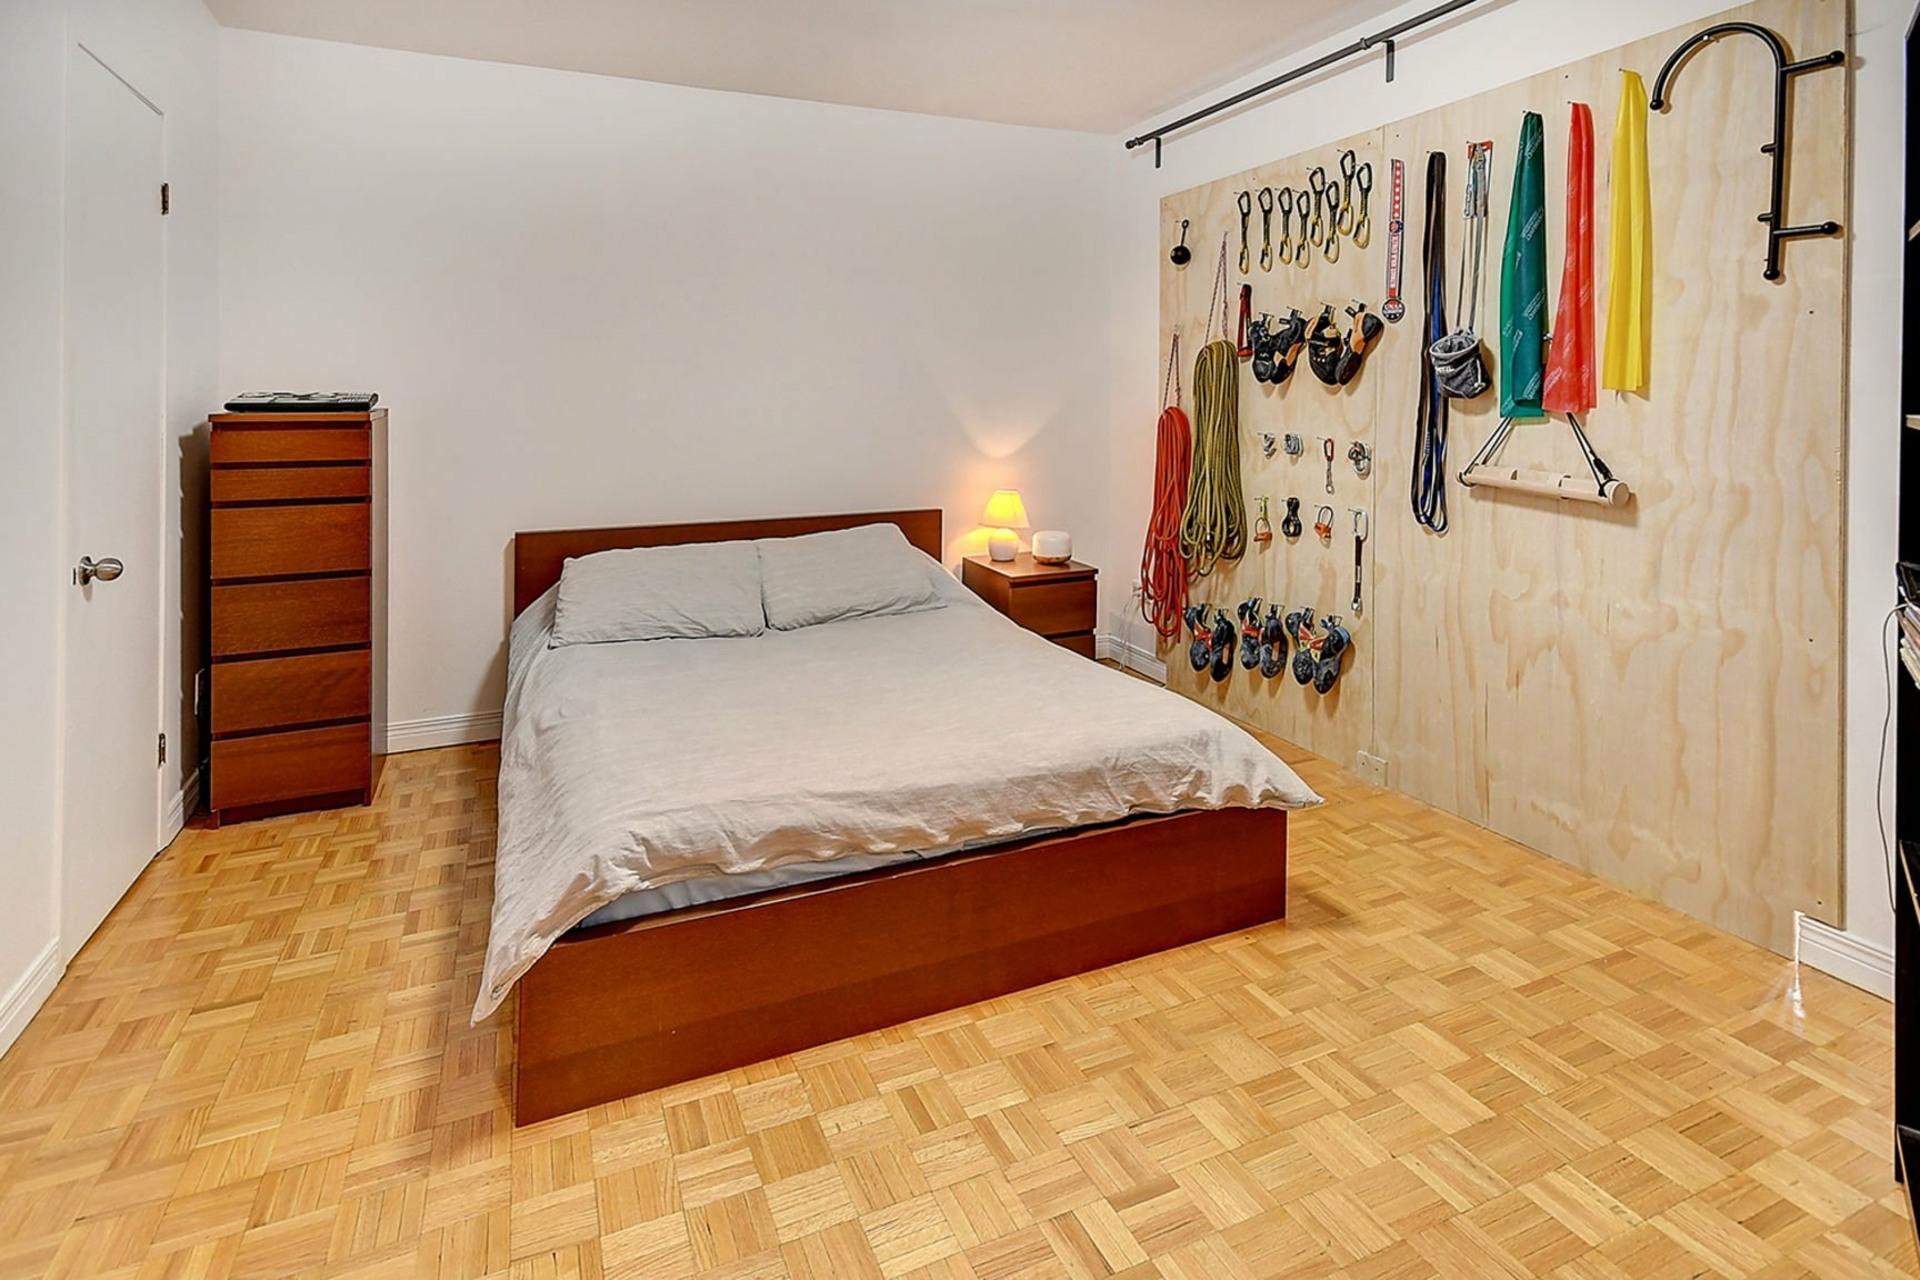 image 4 - Appartement À louer Verdun/Île-des-Soeurs Montréal  - 4 pièces